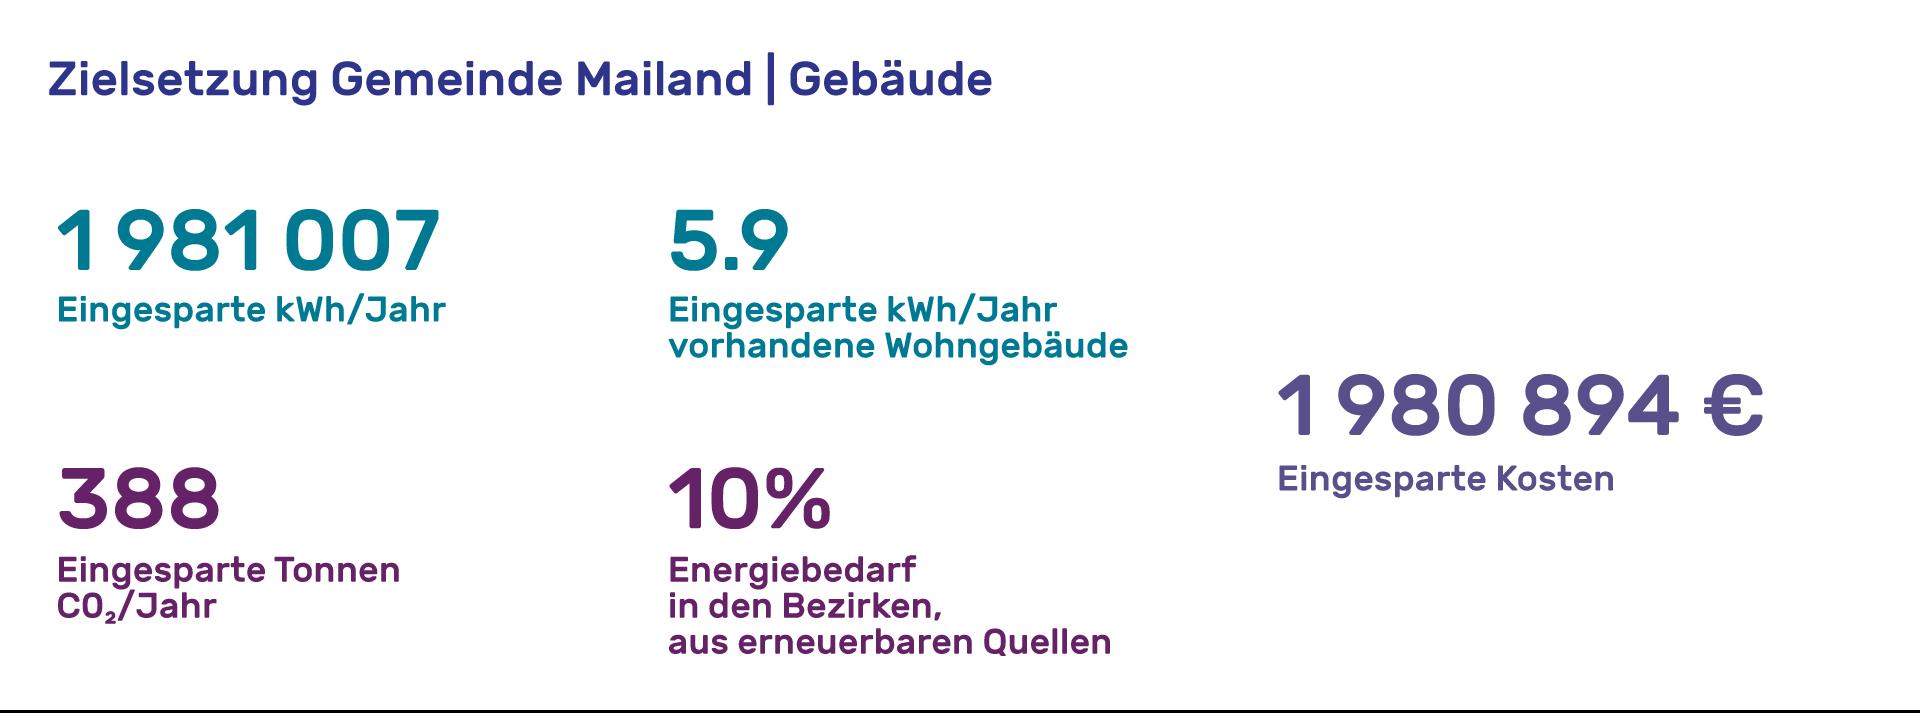 Tajani-obiettivi-edifici-DE